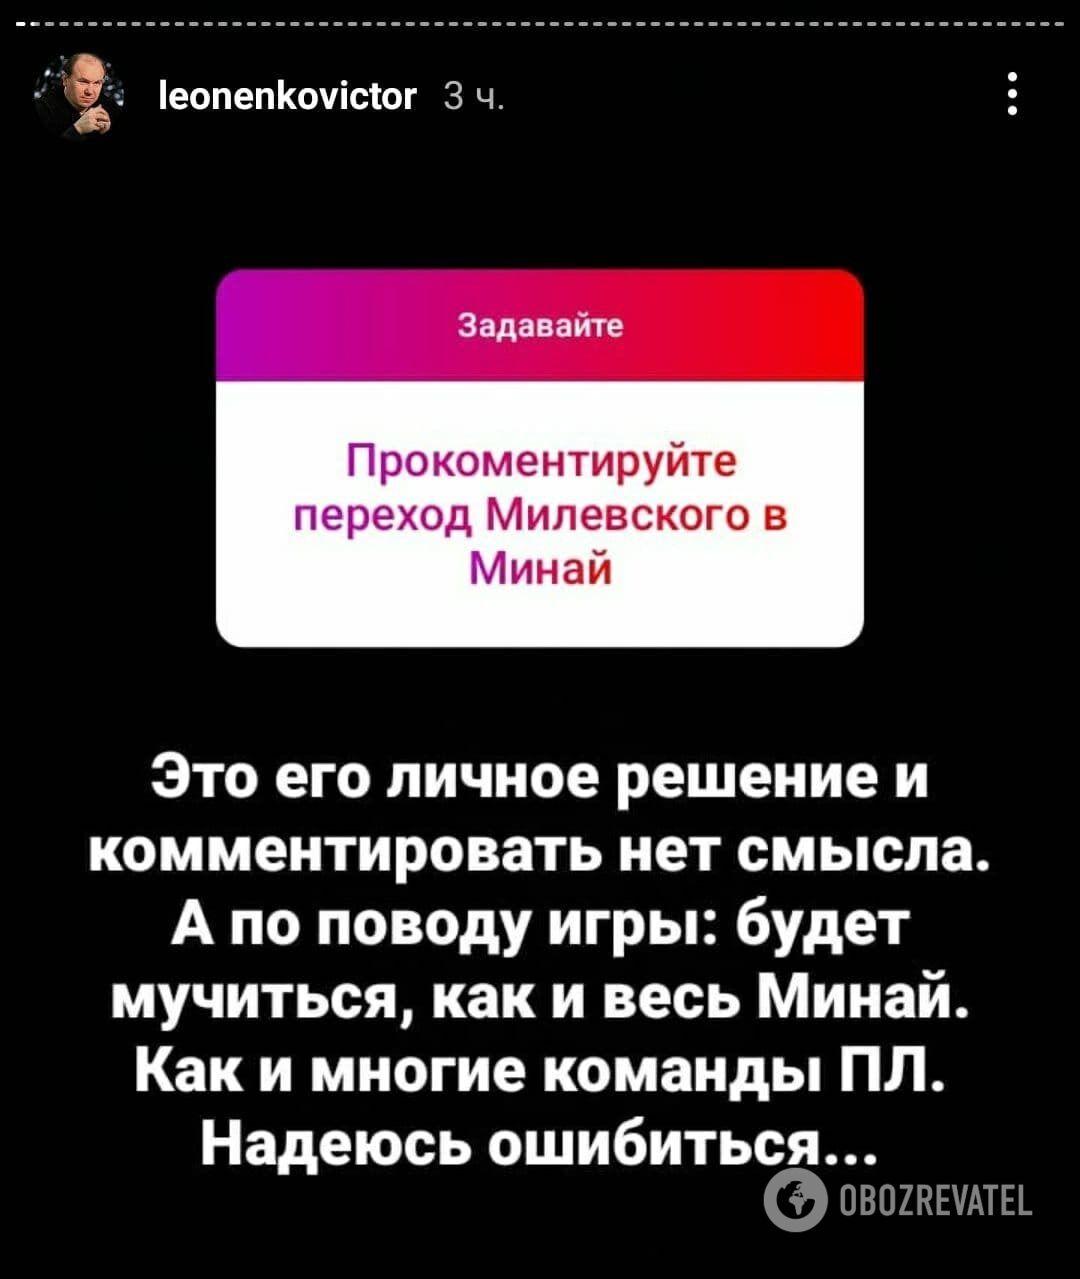 """Леоненко оценил переход Милевского в """"Минай""""."""